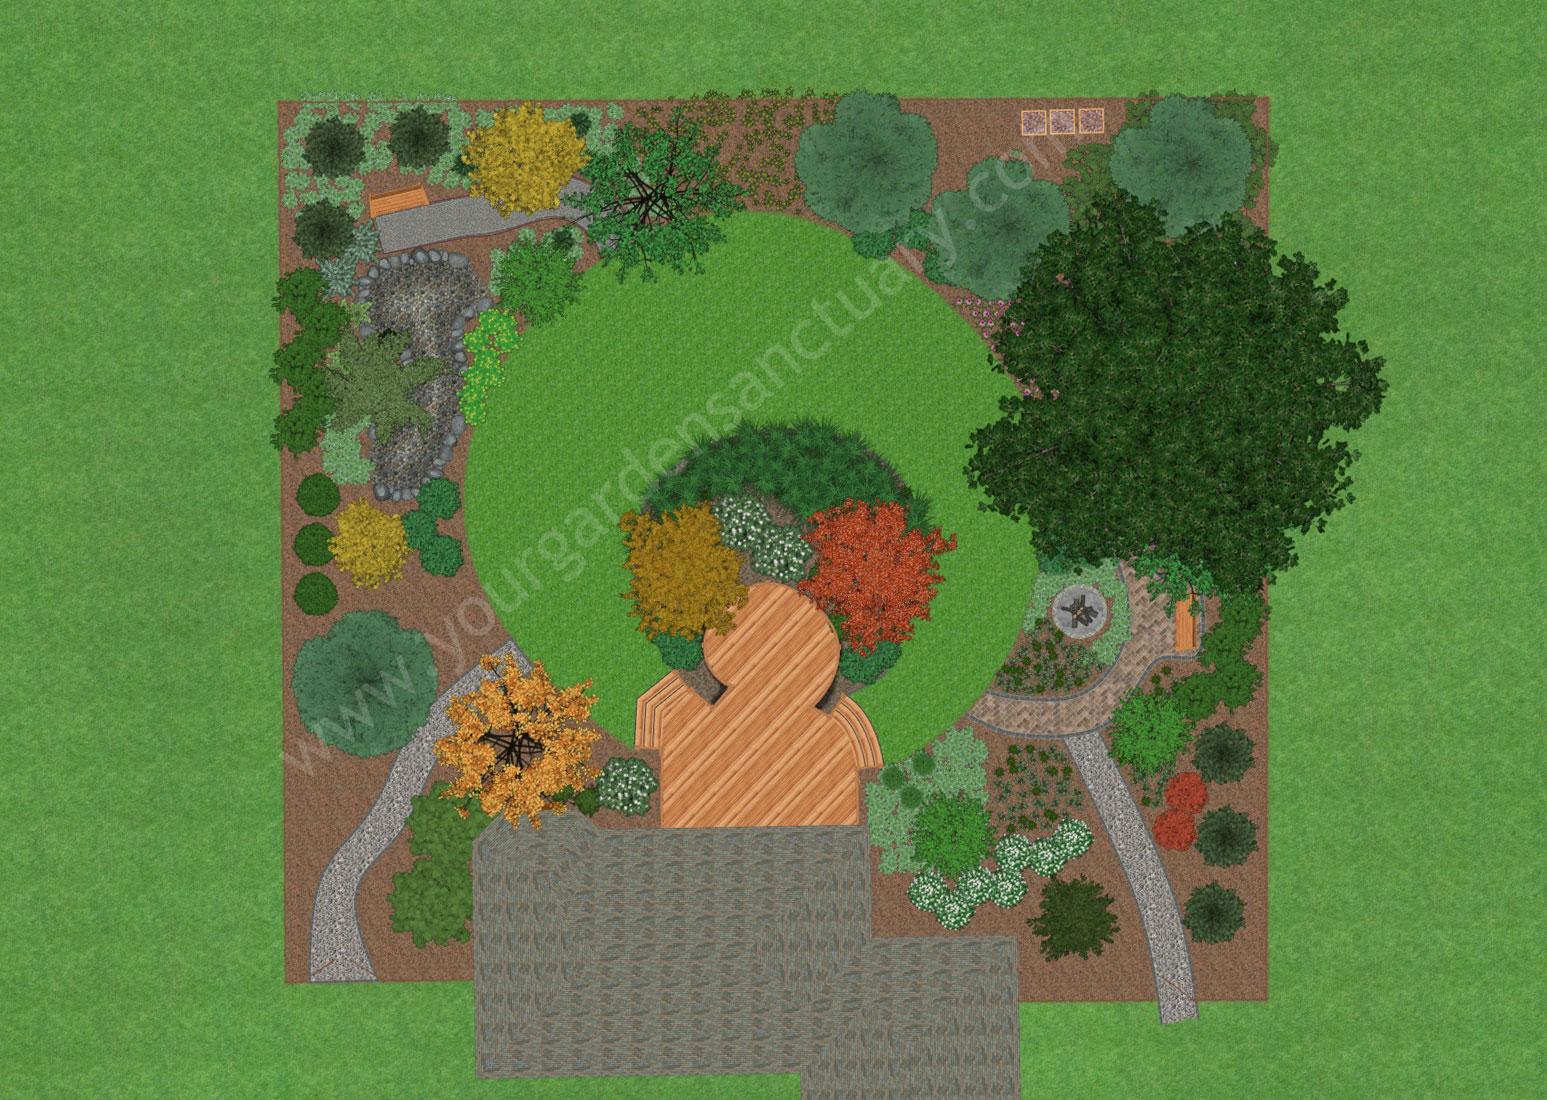 Bakcyard ecological landscape design